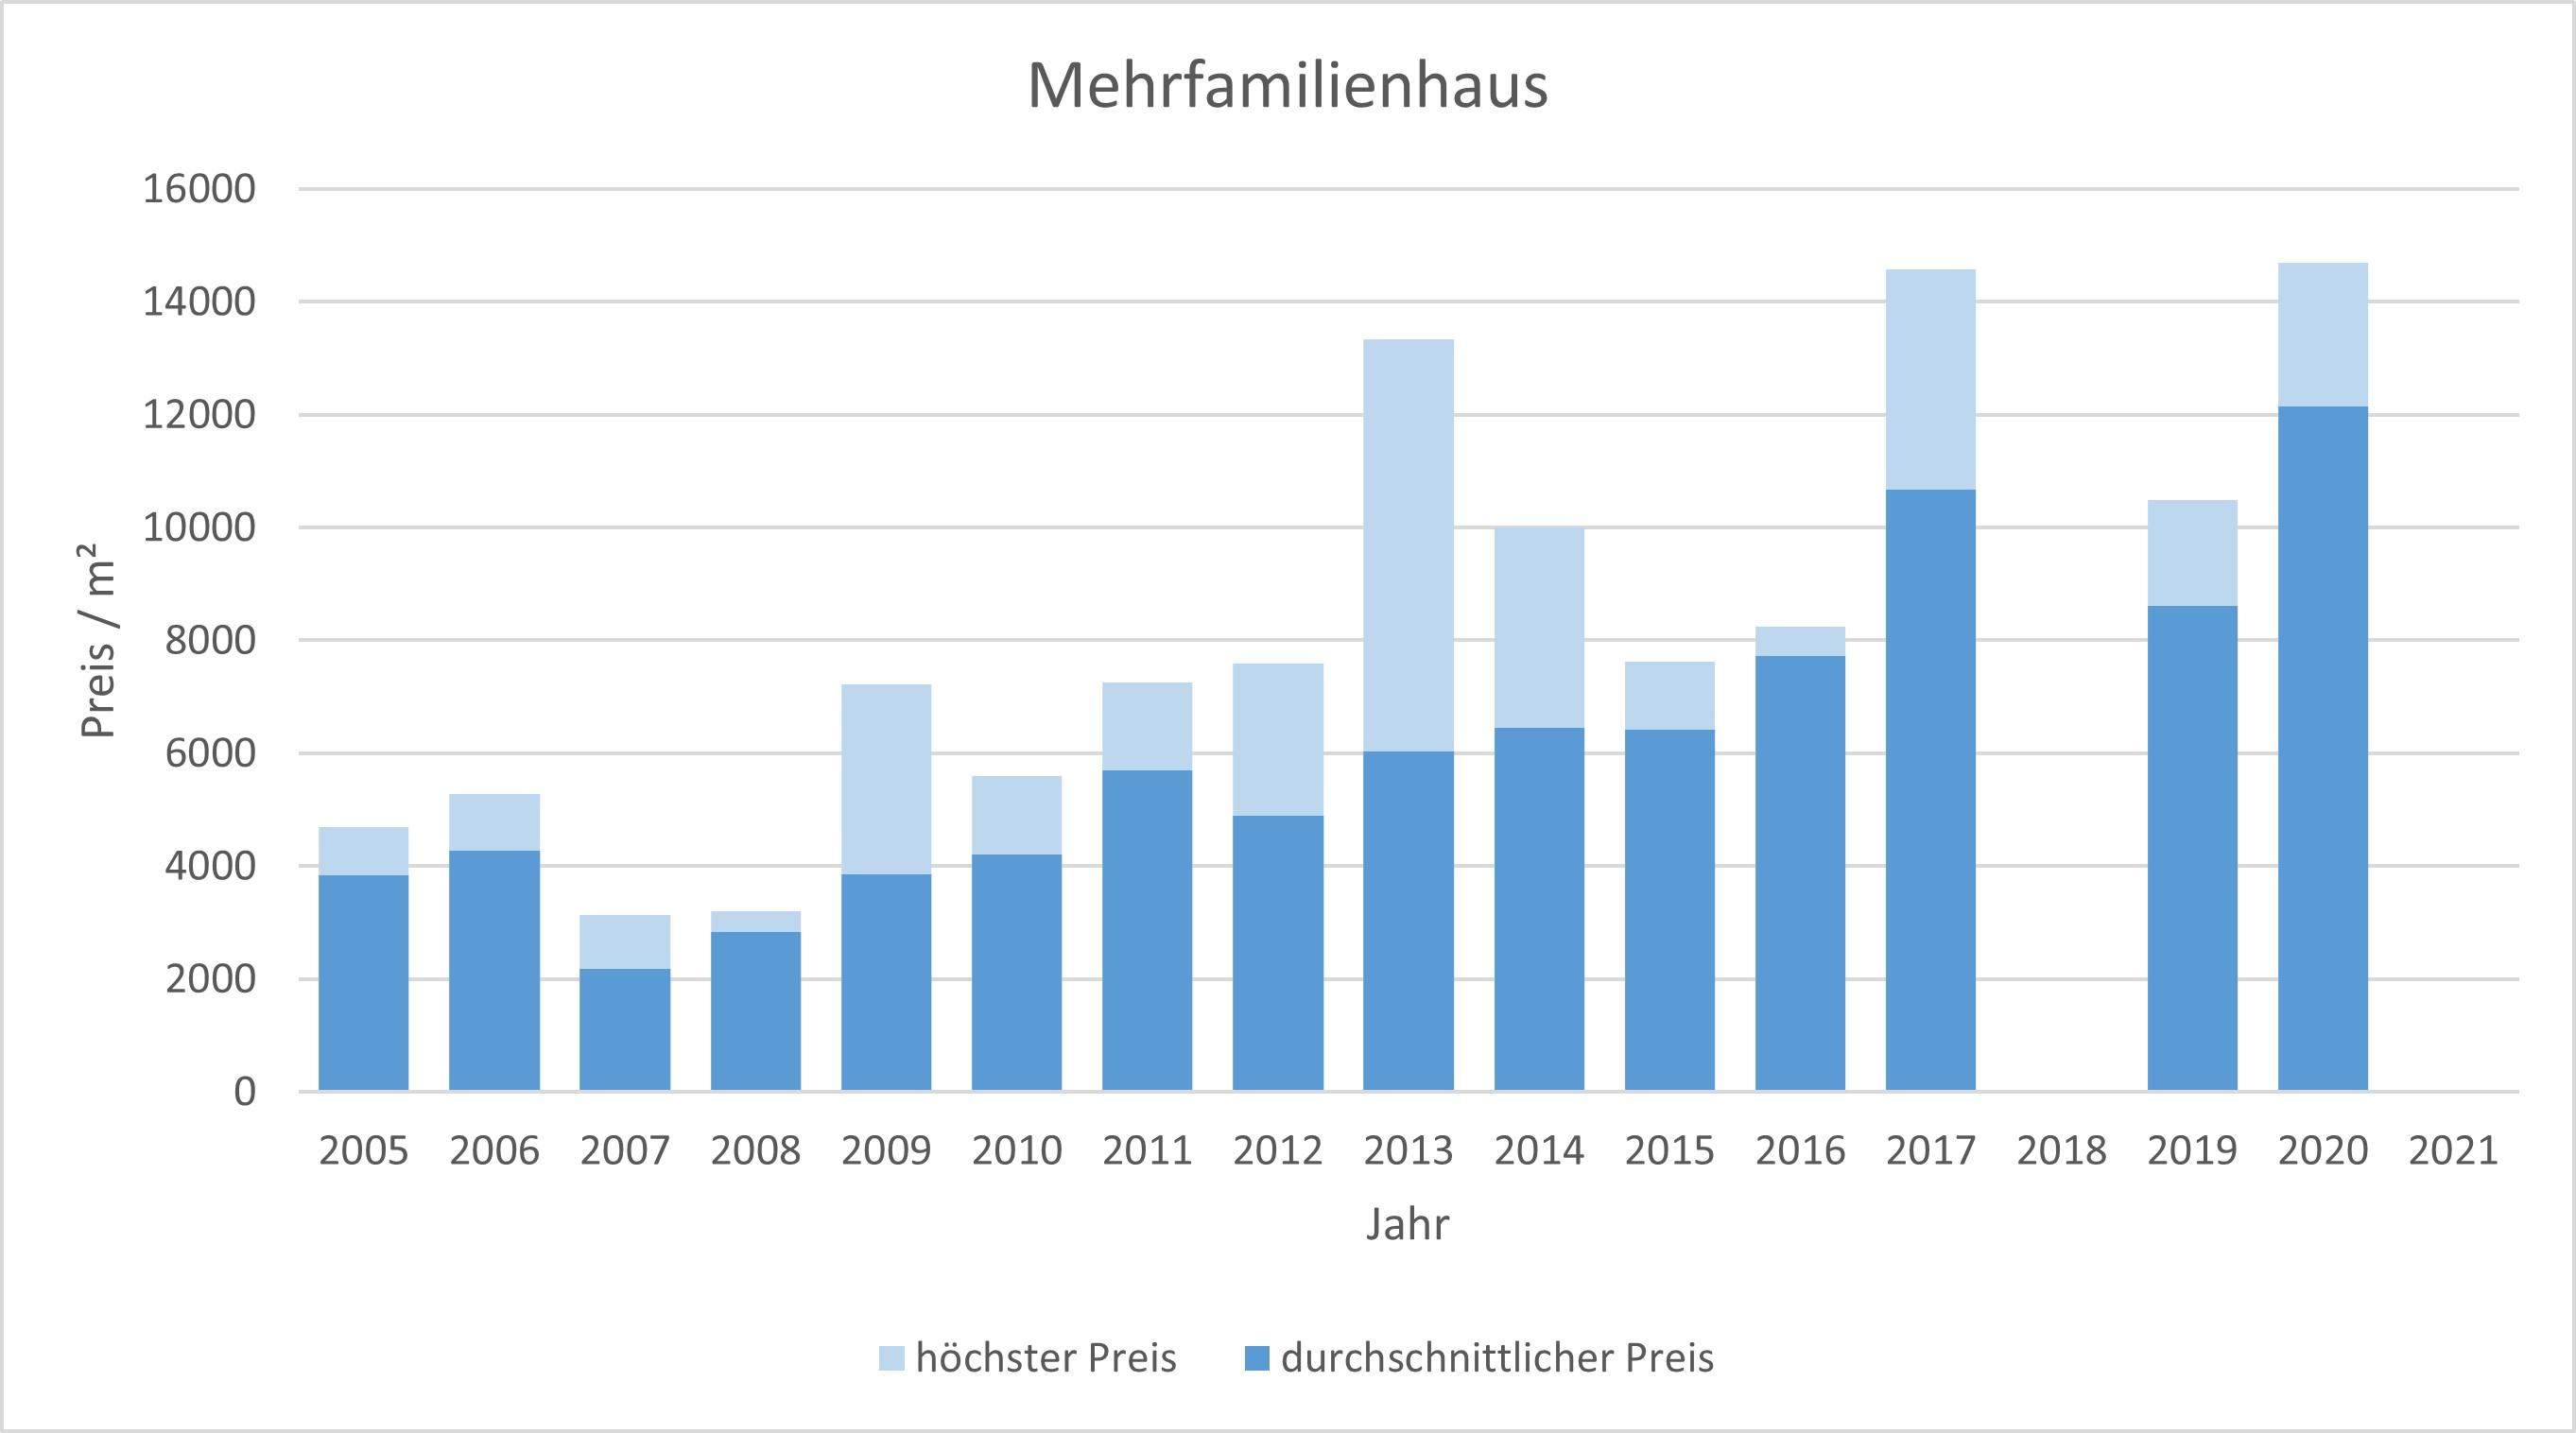 München - Harlaching Mehrfamilienhaus kaufen verkaufen Preis Bewertung Makler 2019 2020 2021 www.happy-immo.de